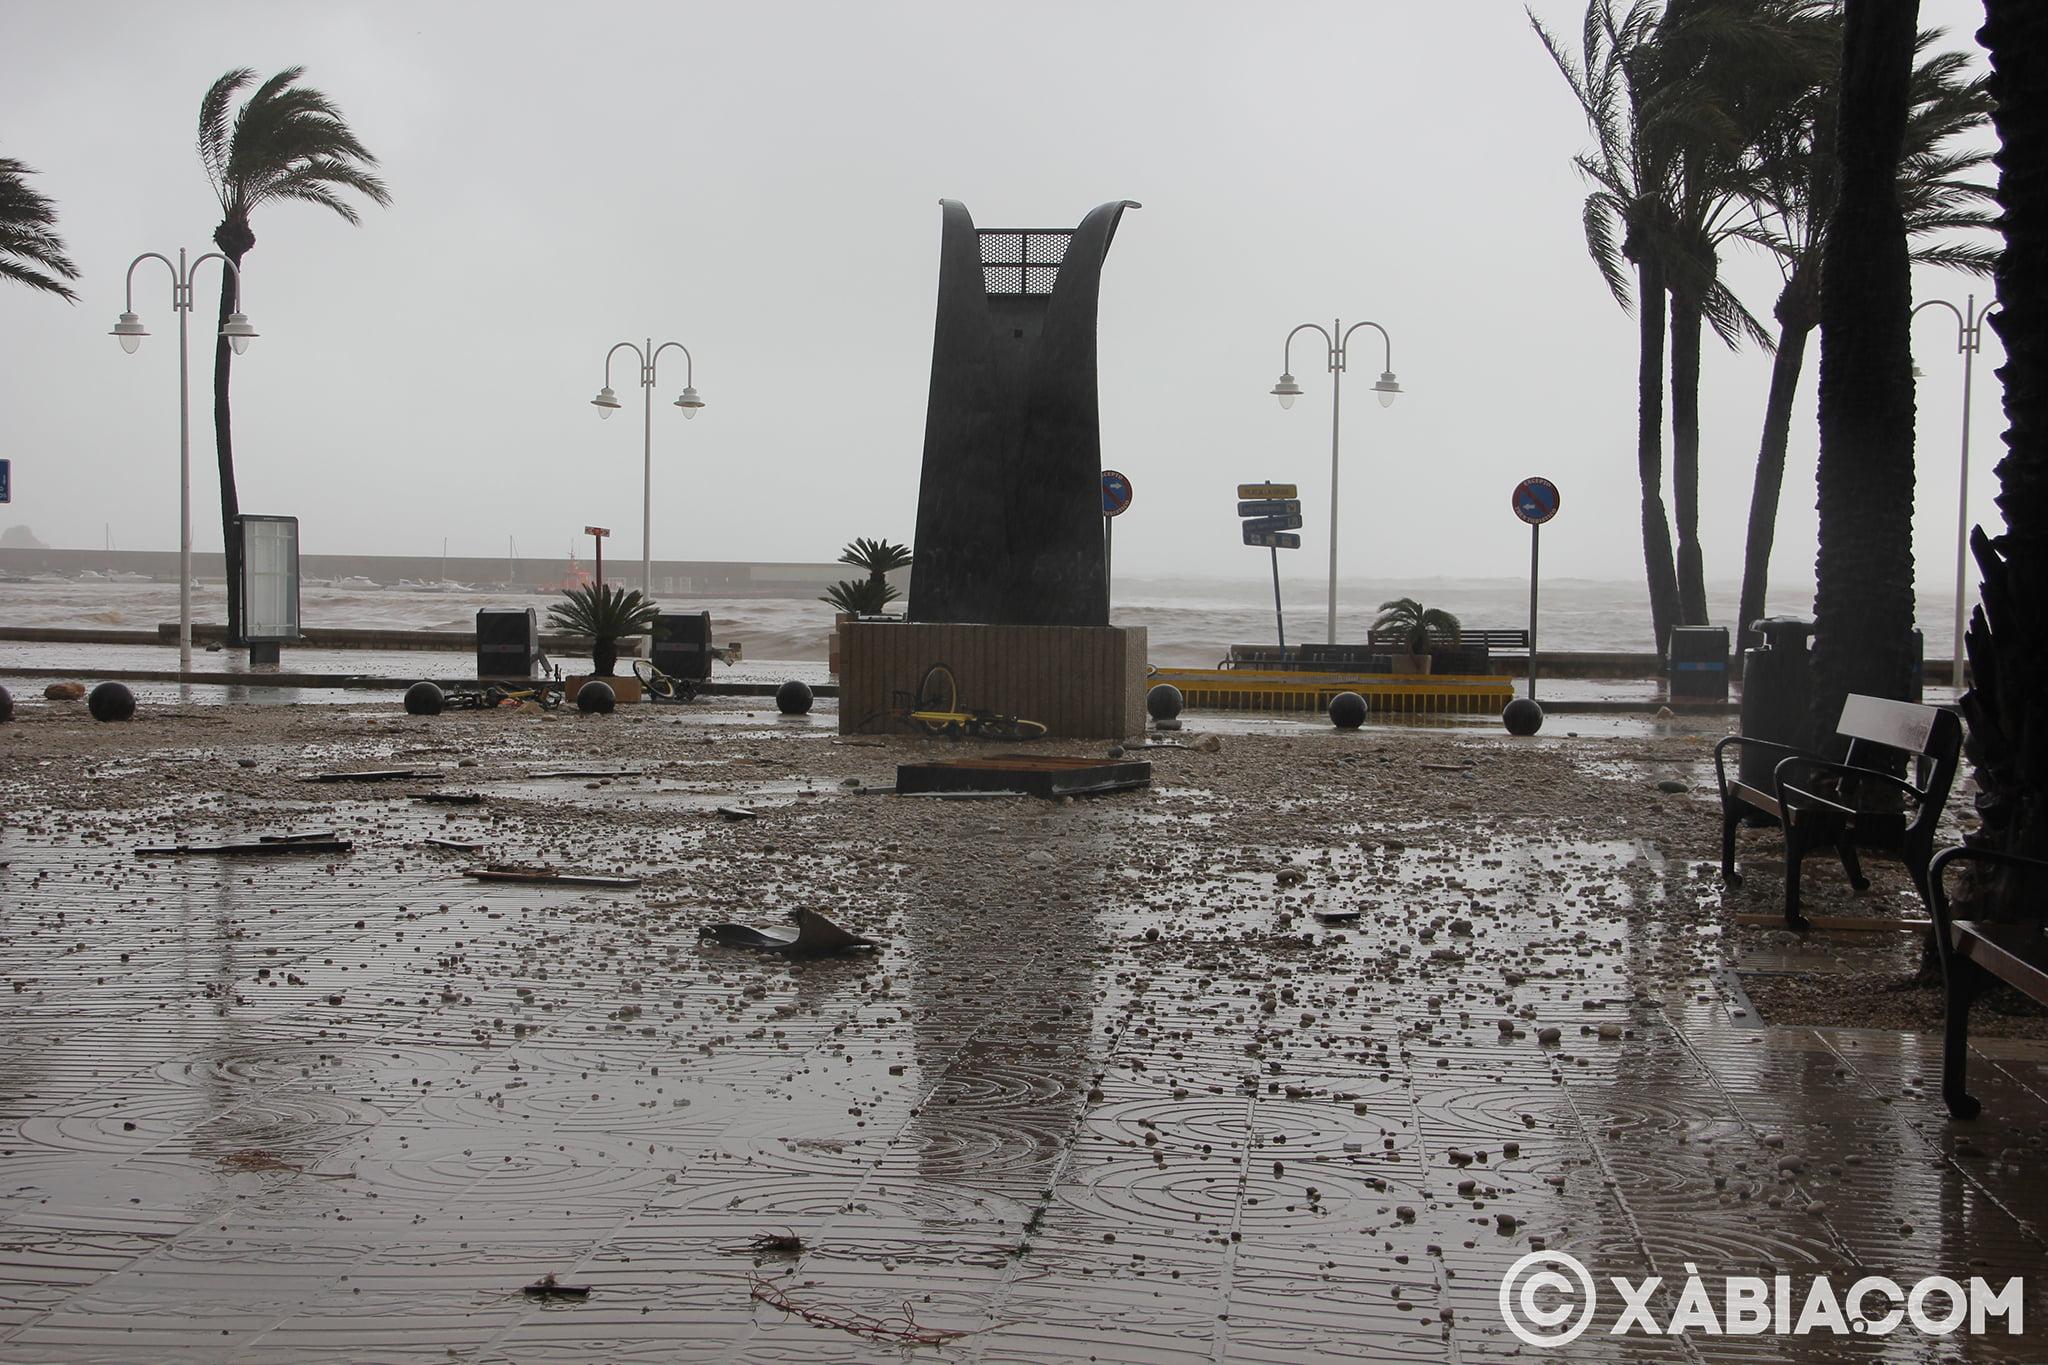 Brandelli di pioggia, vento e mare in Xàbia (49)